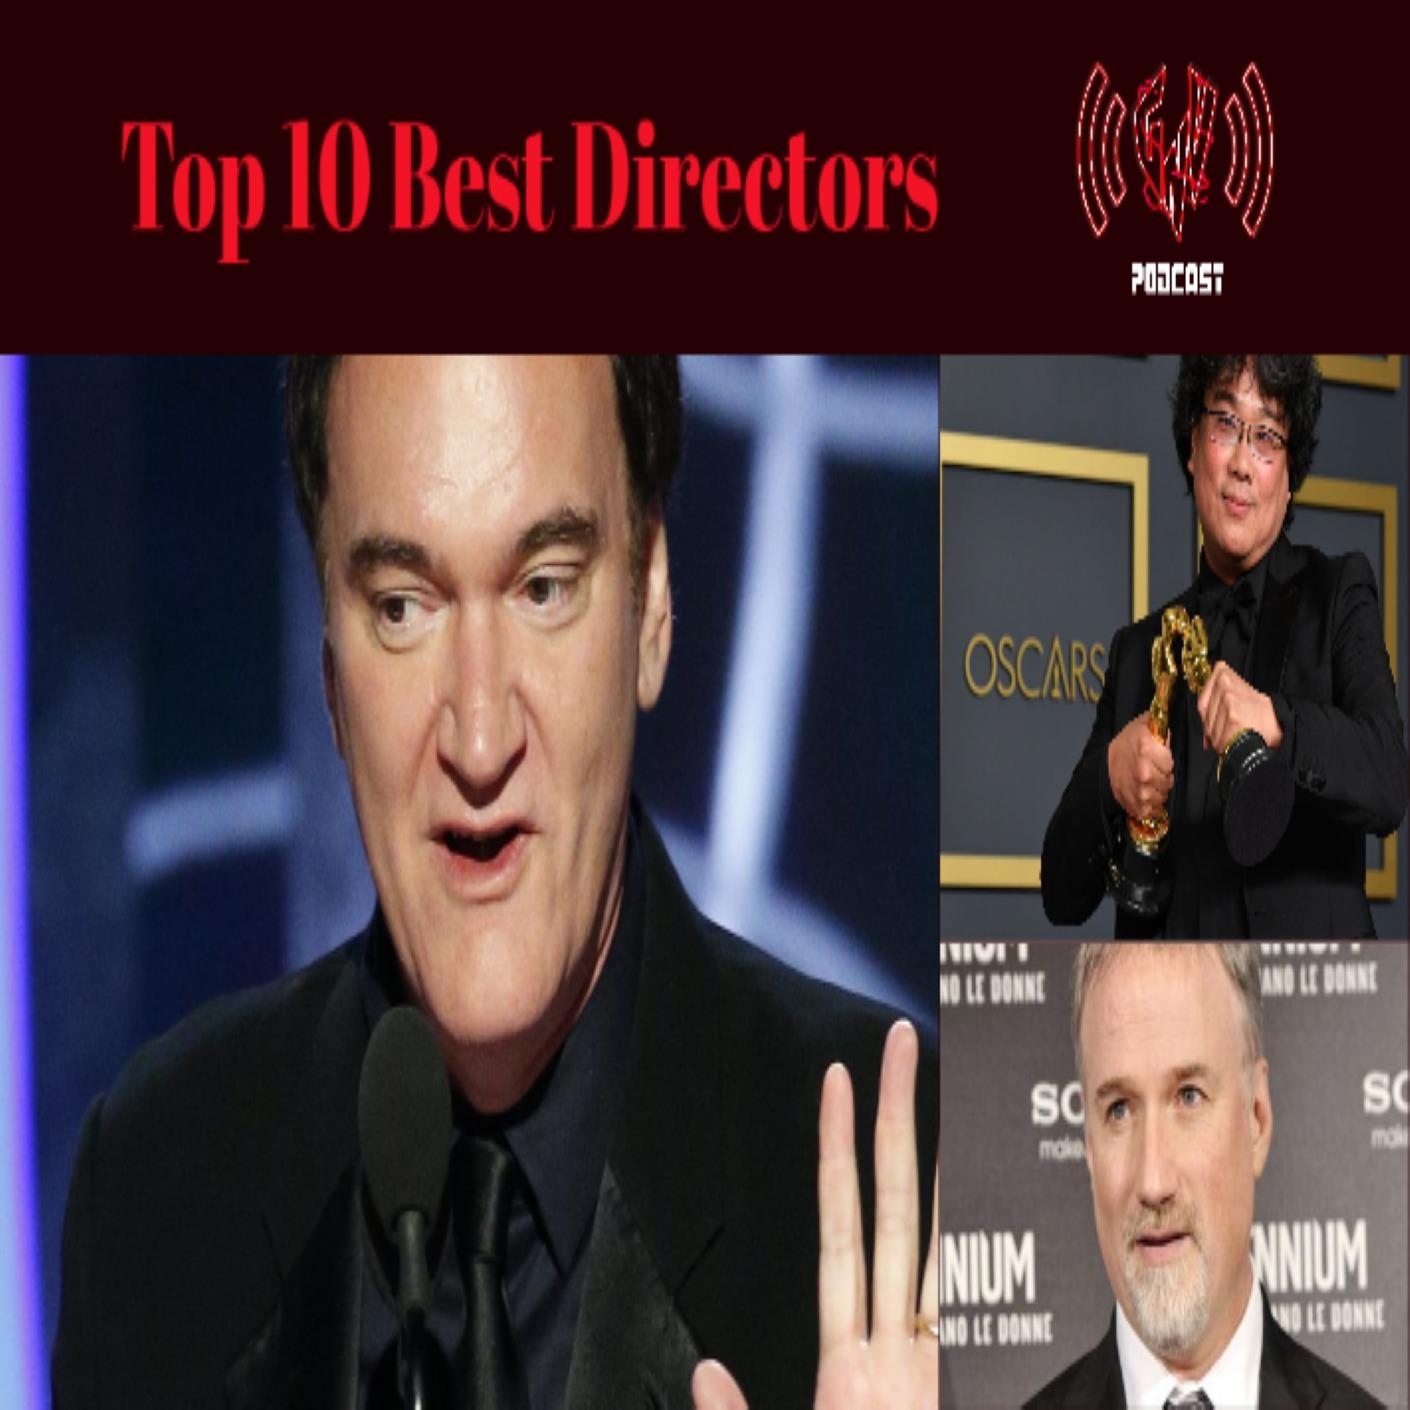 Top 10 Best Directors